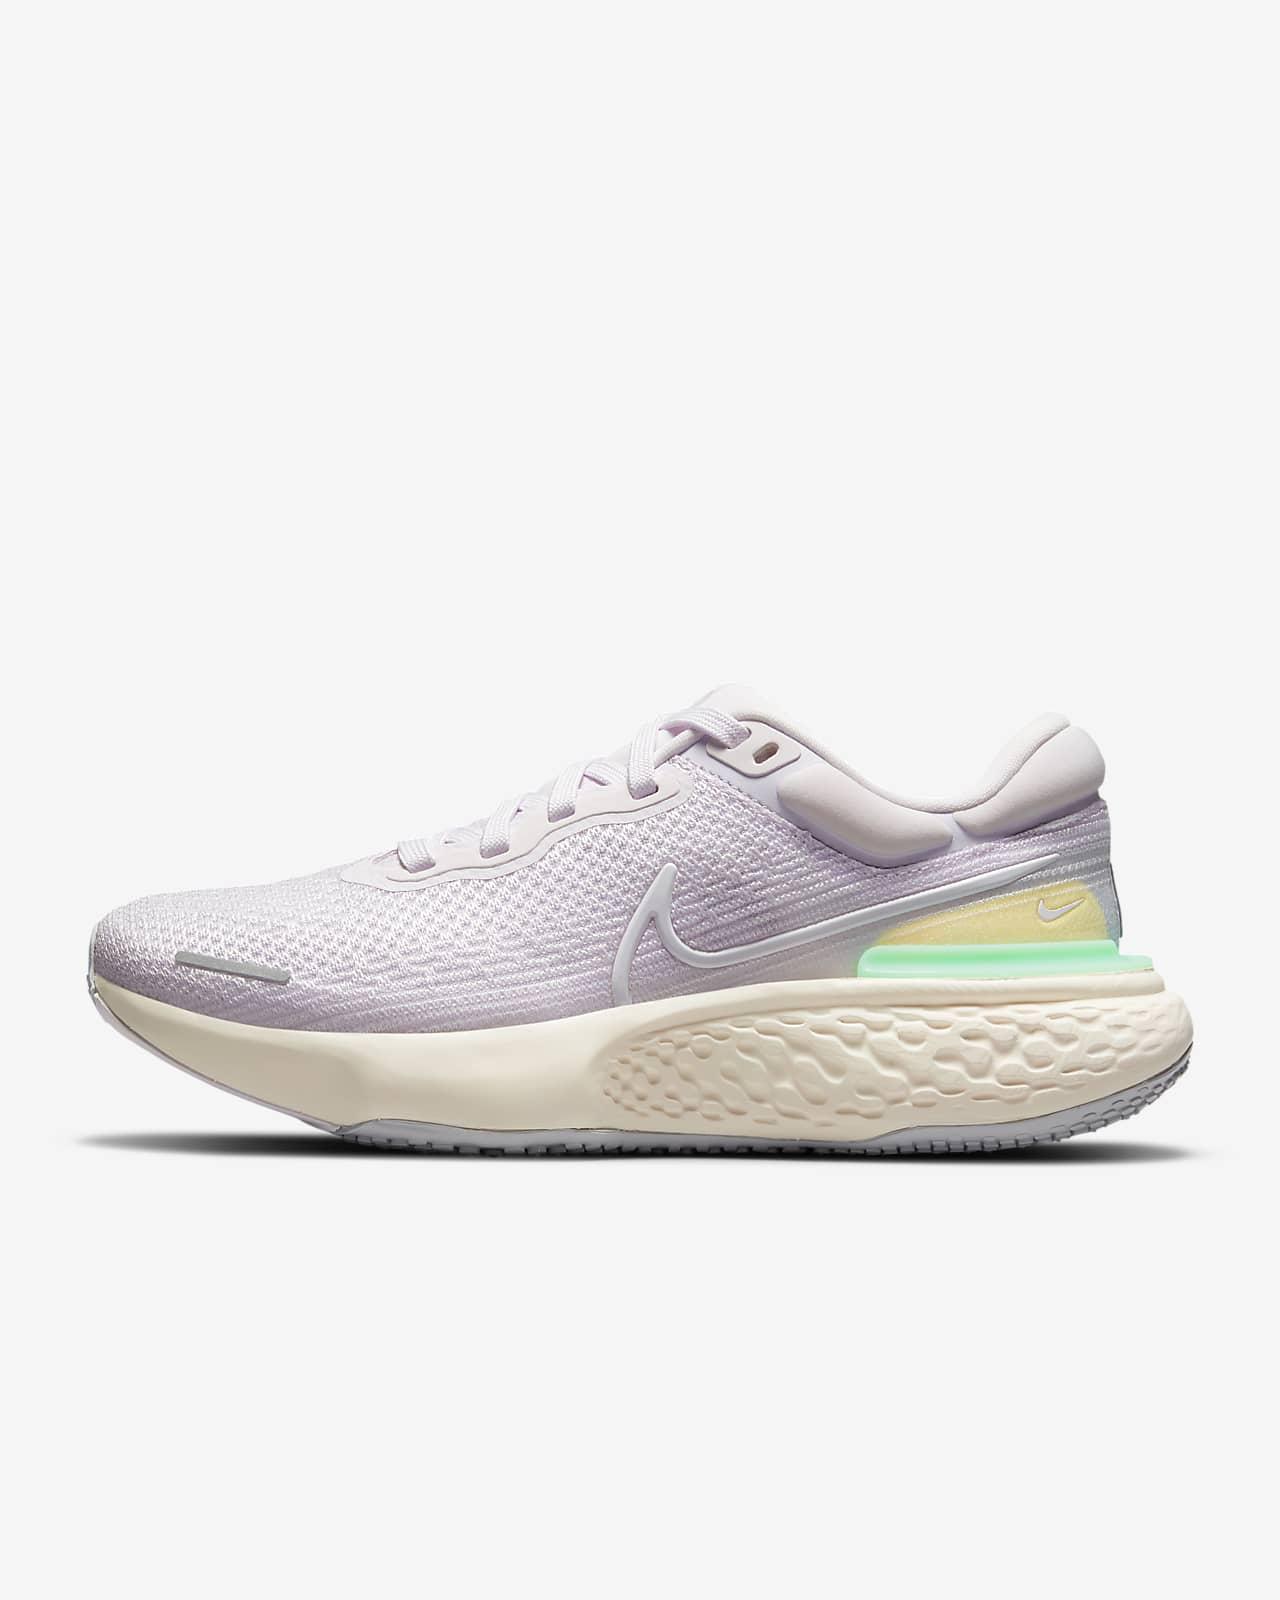 รองเท้าวิ่งผู้หญิง Nike ZoomX Invincible Run Flyknit